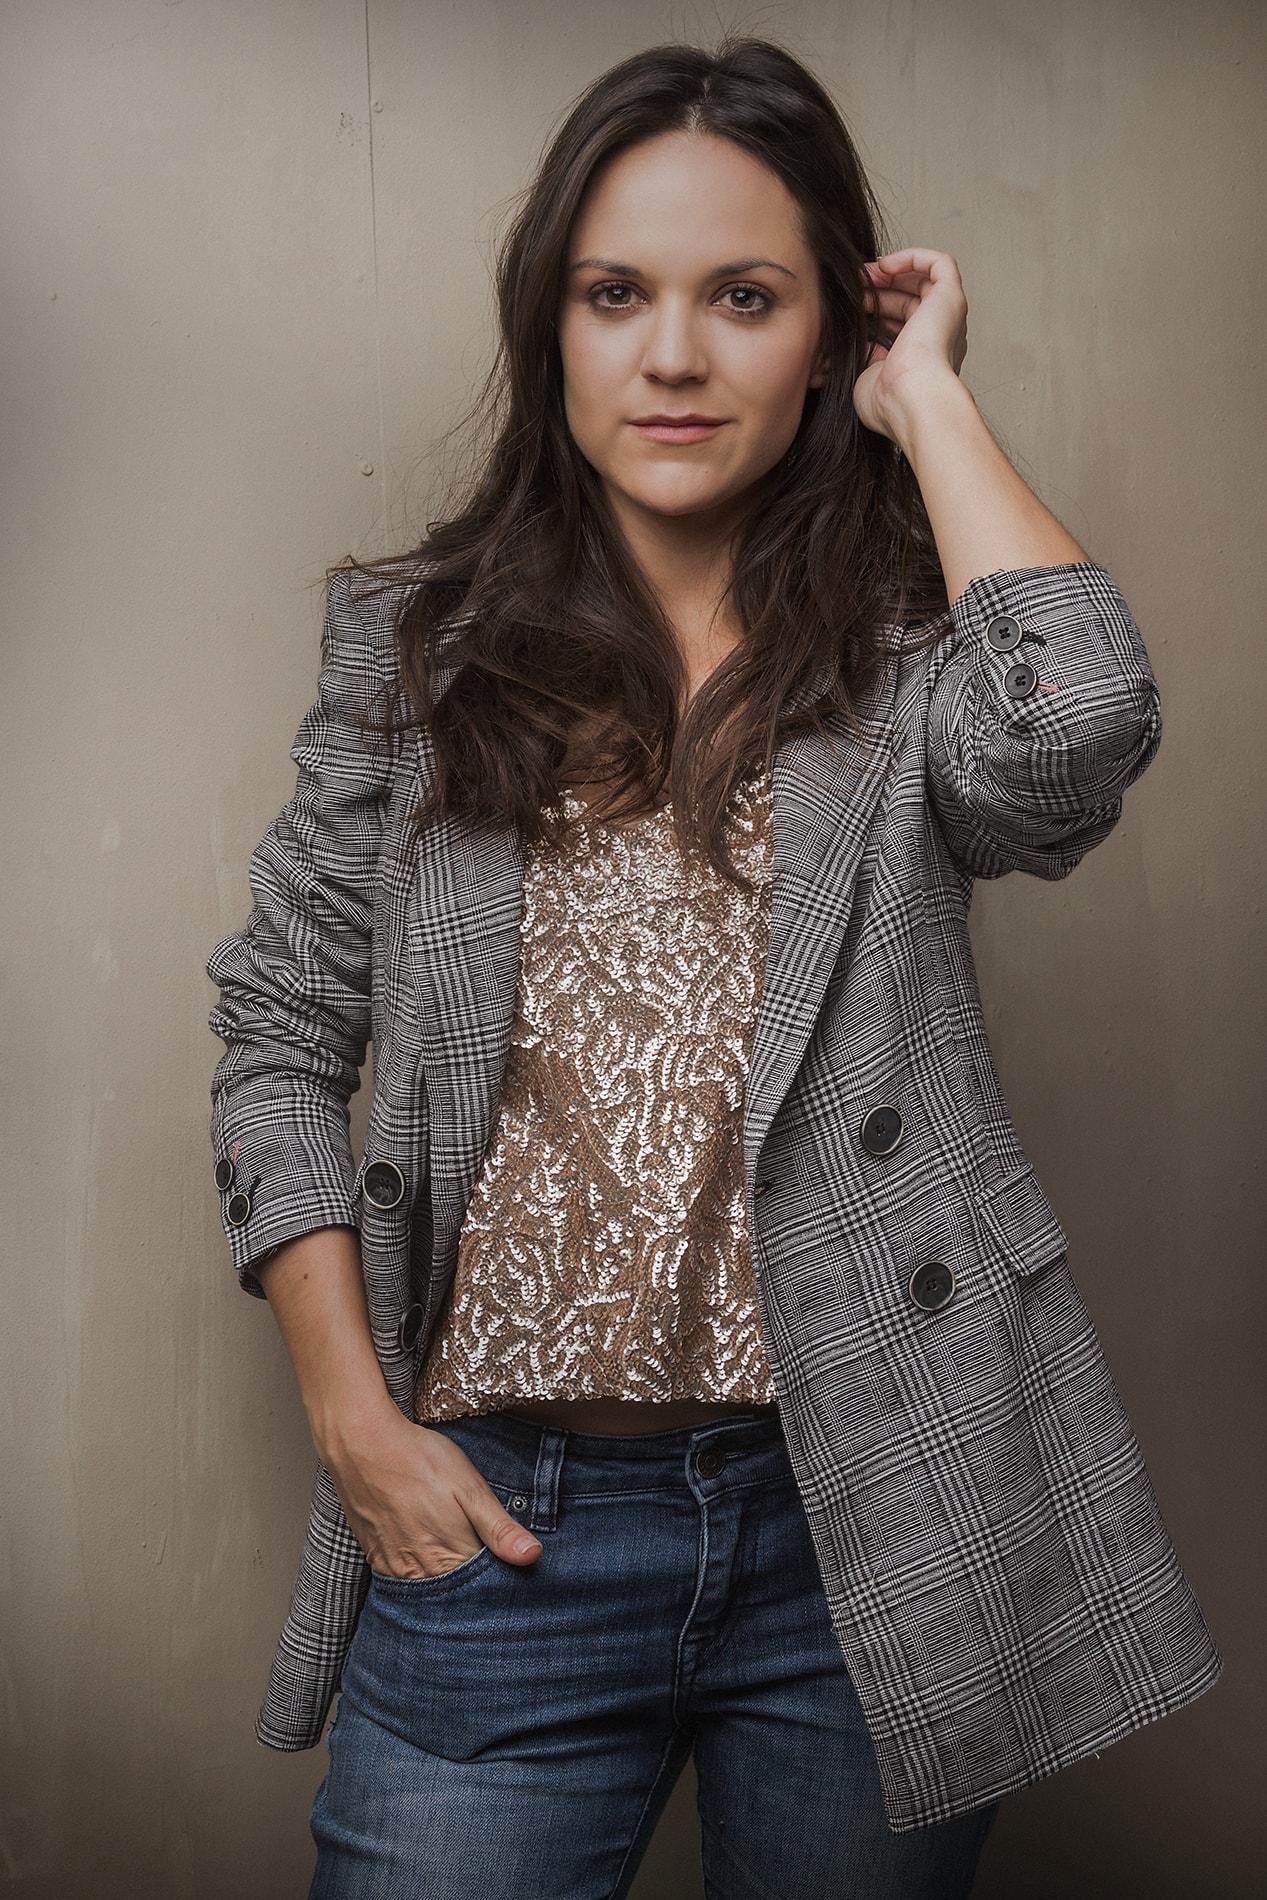 Jennifer Rubio